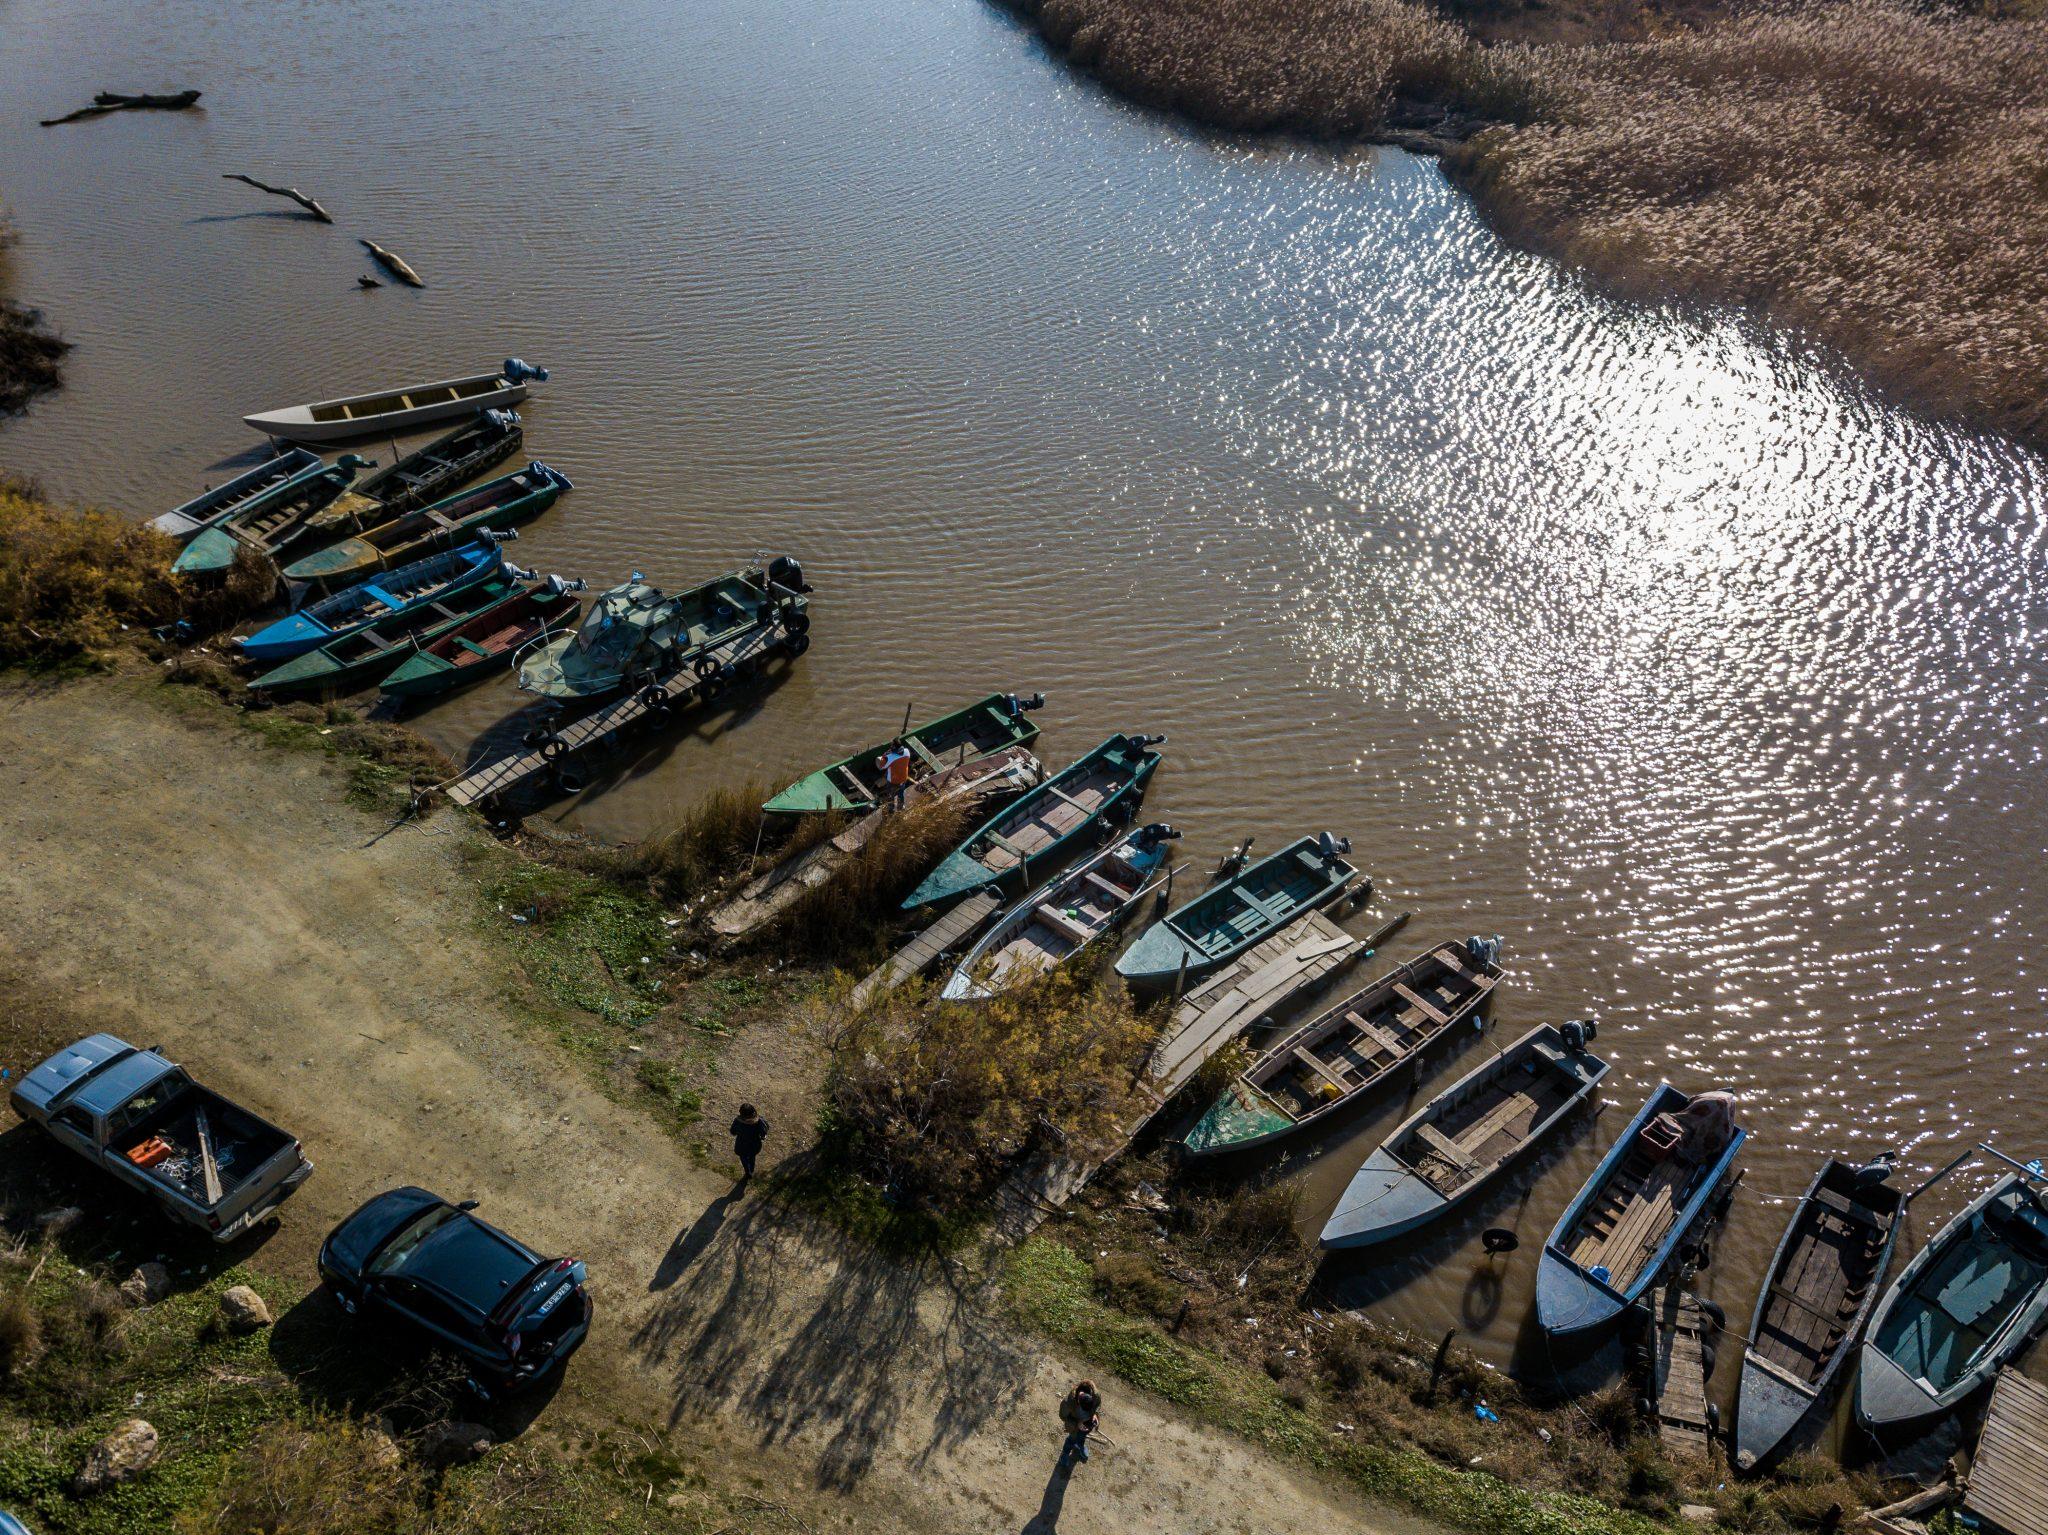 Εκδρομή στο Δέλτα του Έβρου – Πλούσιο φωτογραφικό ρεπορτάζ